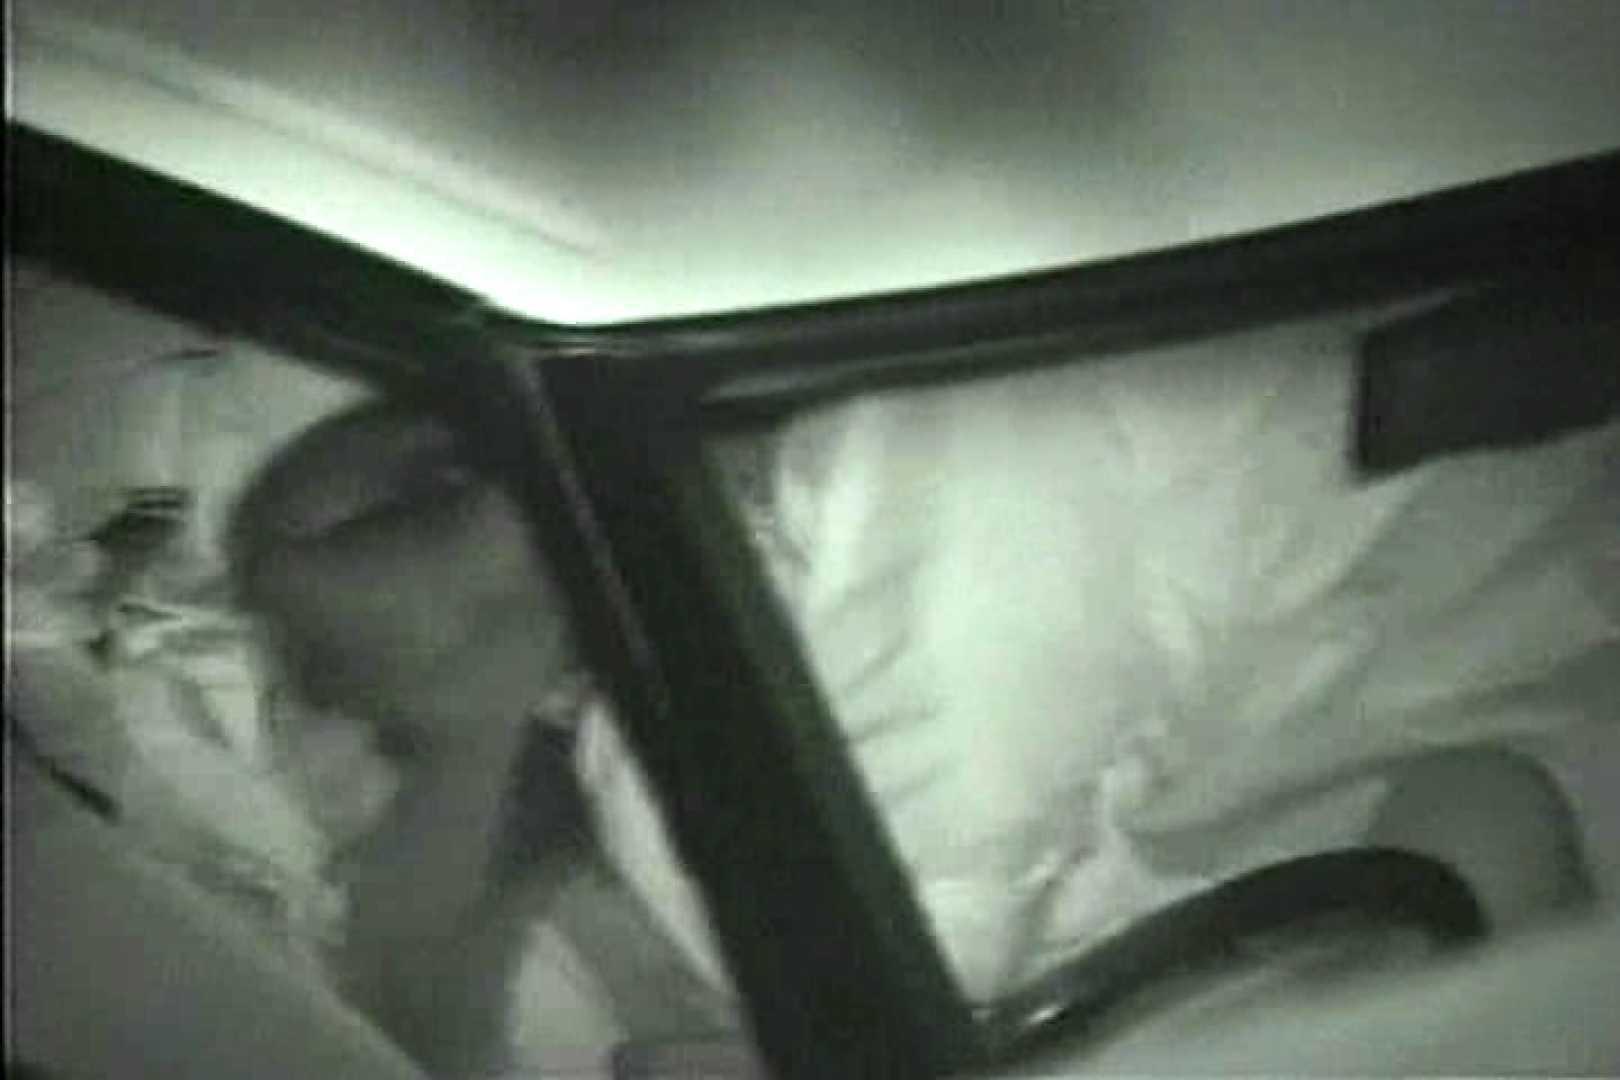 車の中はラブホテル 無修正版  Vol.9 ホテル  88連発 5